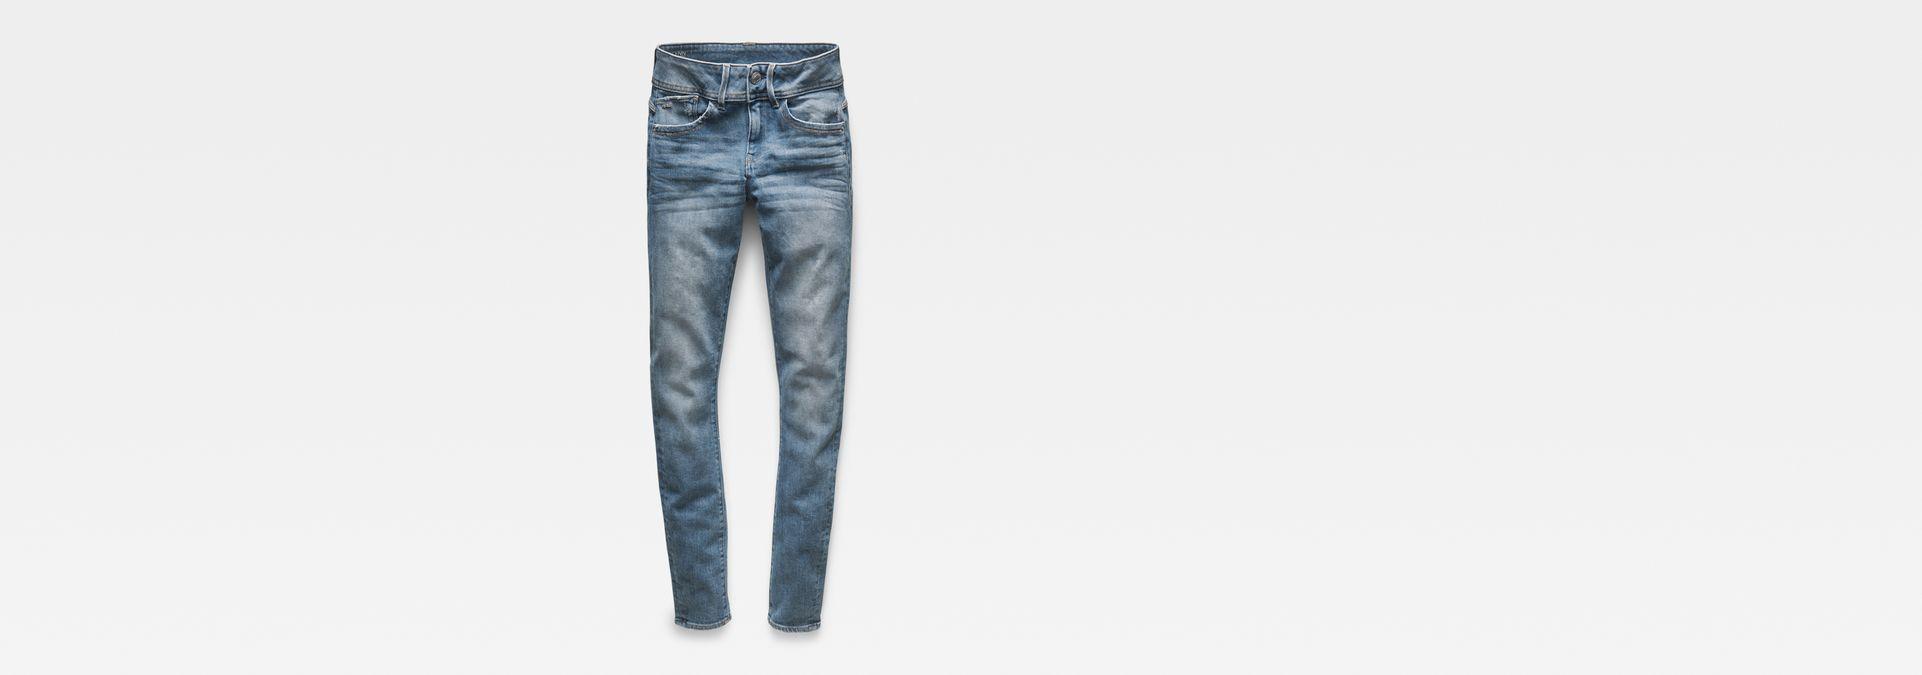 9e6db23098d Lynn Mid Waist Skinny Jeans | Medium Aged Destroy | G-Star RAW®